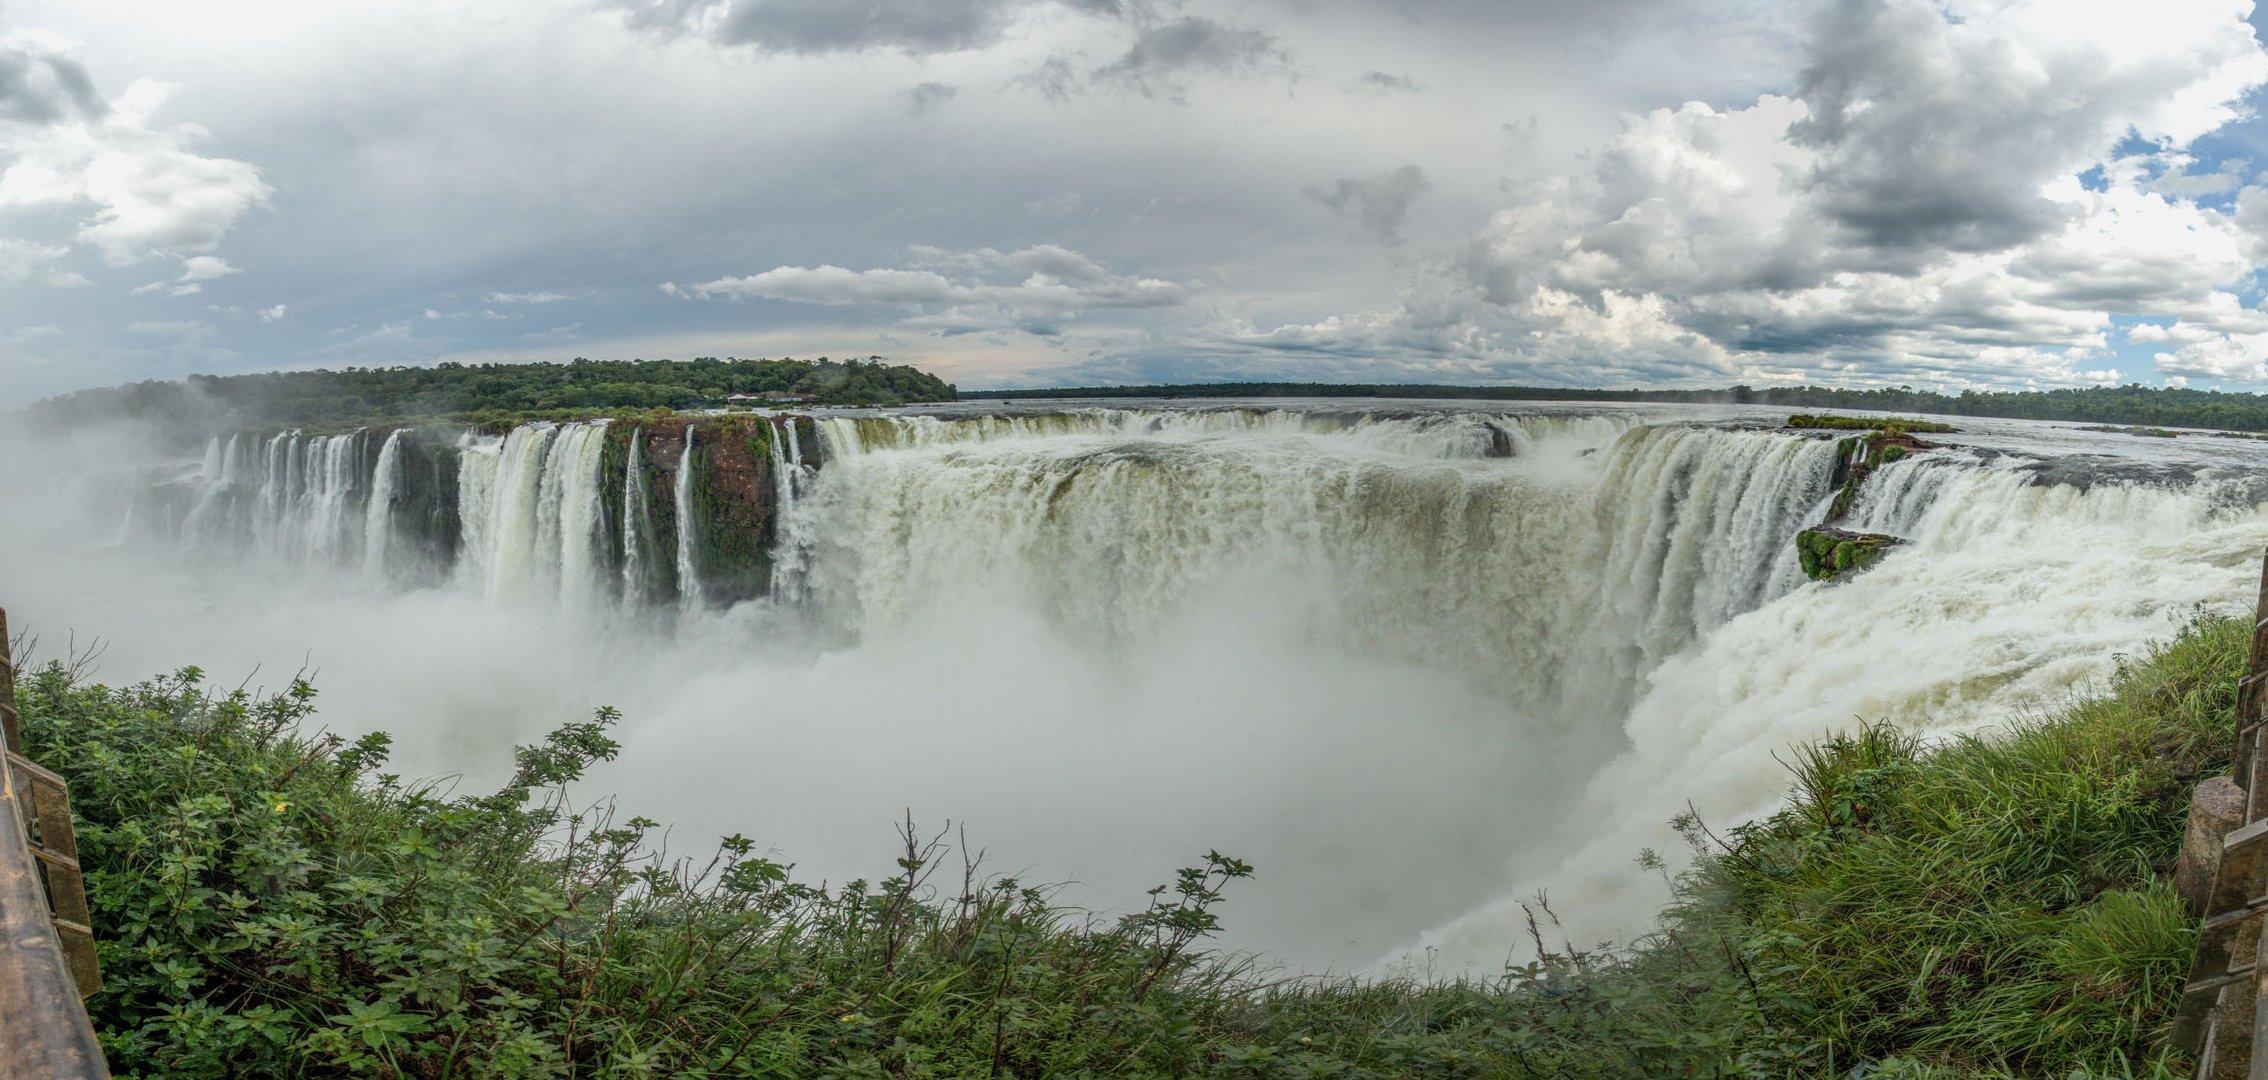 Iguazú - Garganta del Diablo